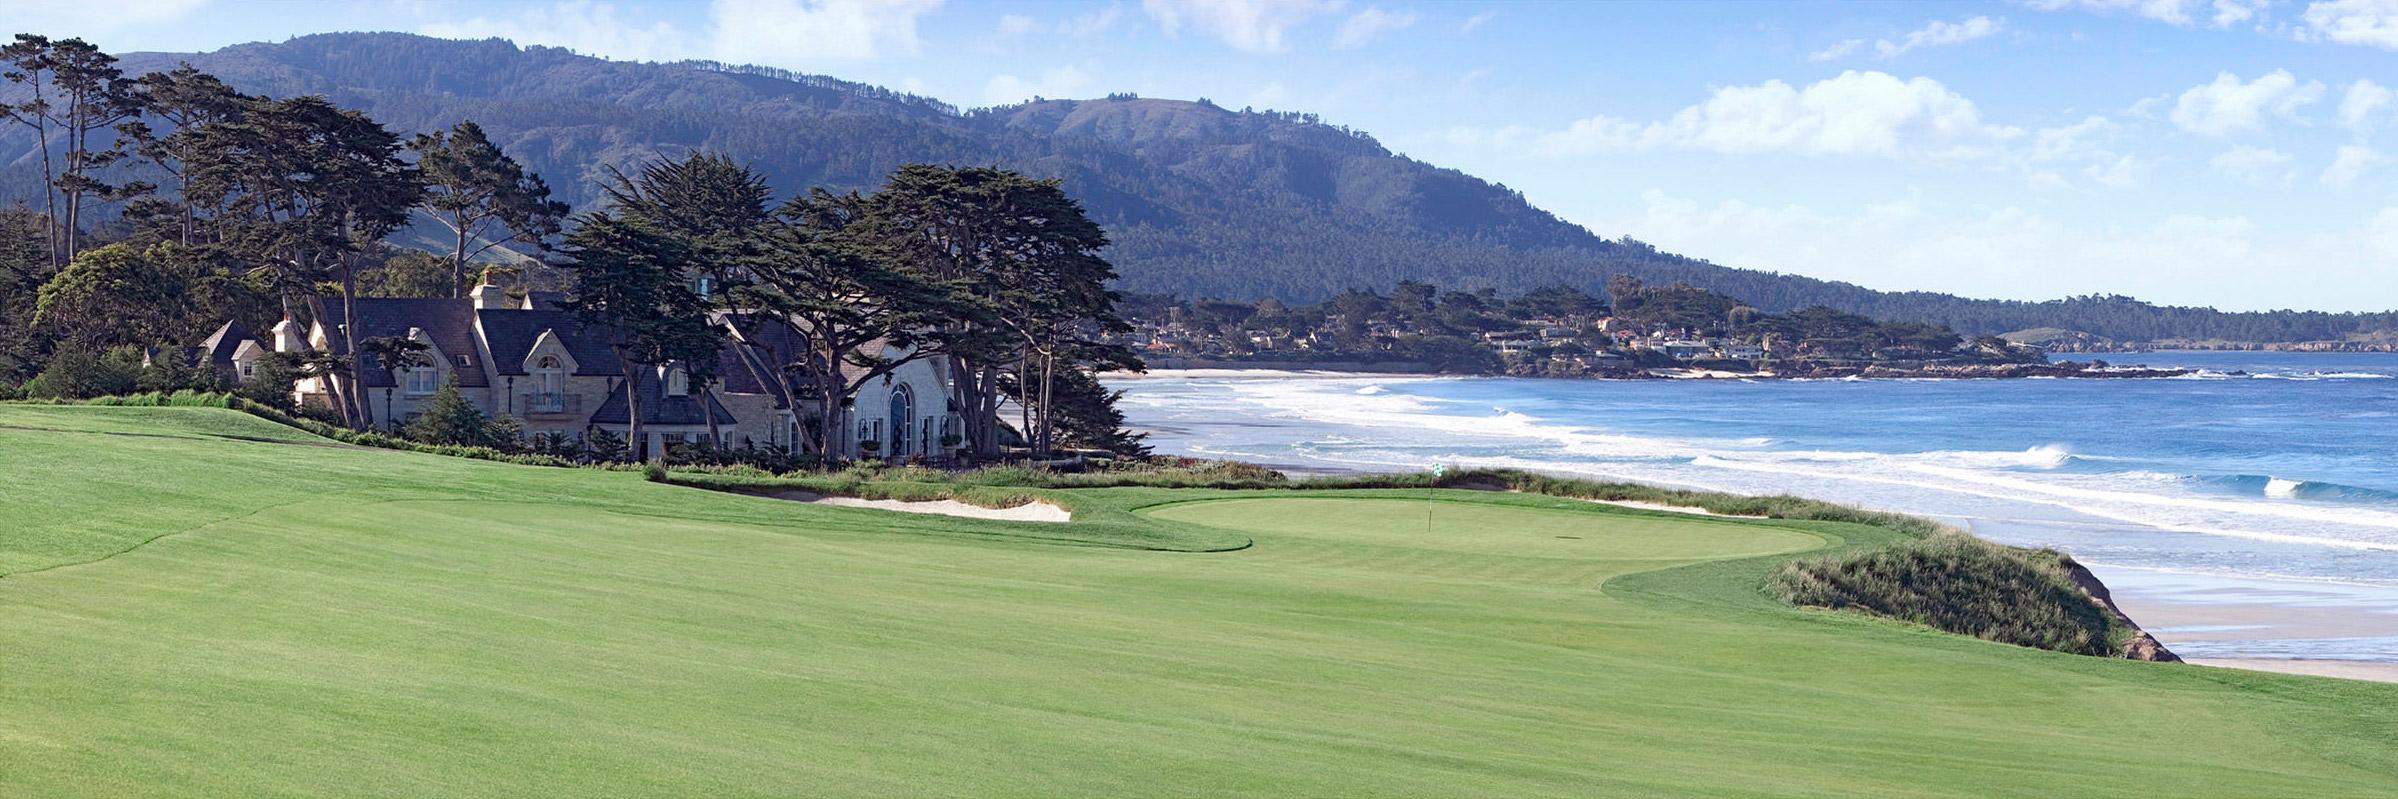 Golf Course Image - Pebble Beach No. 10